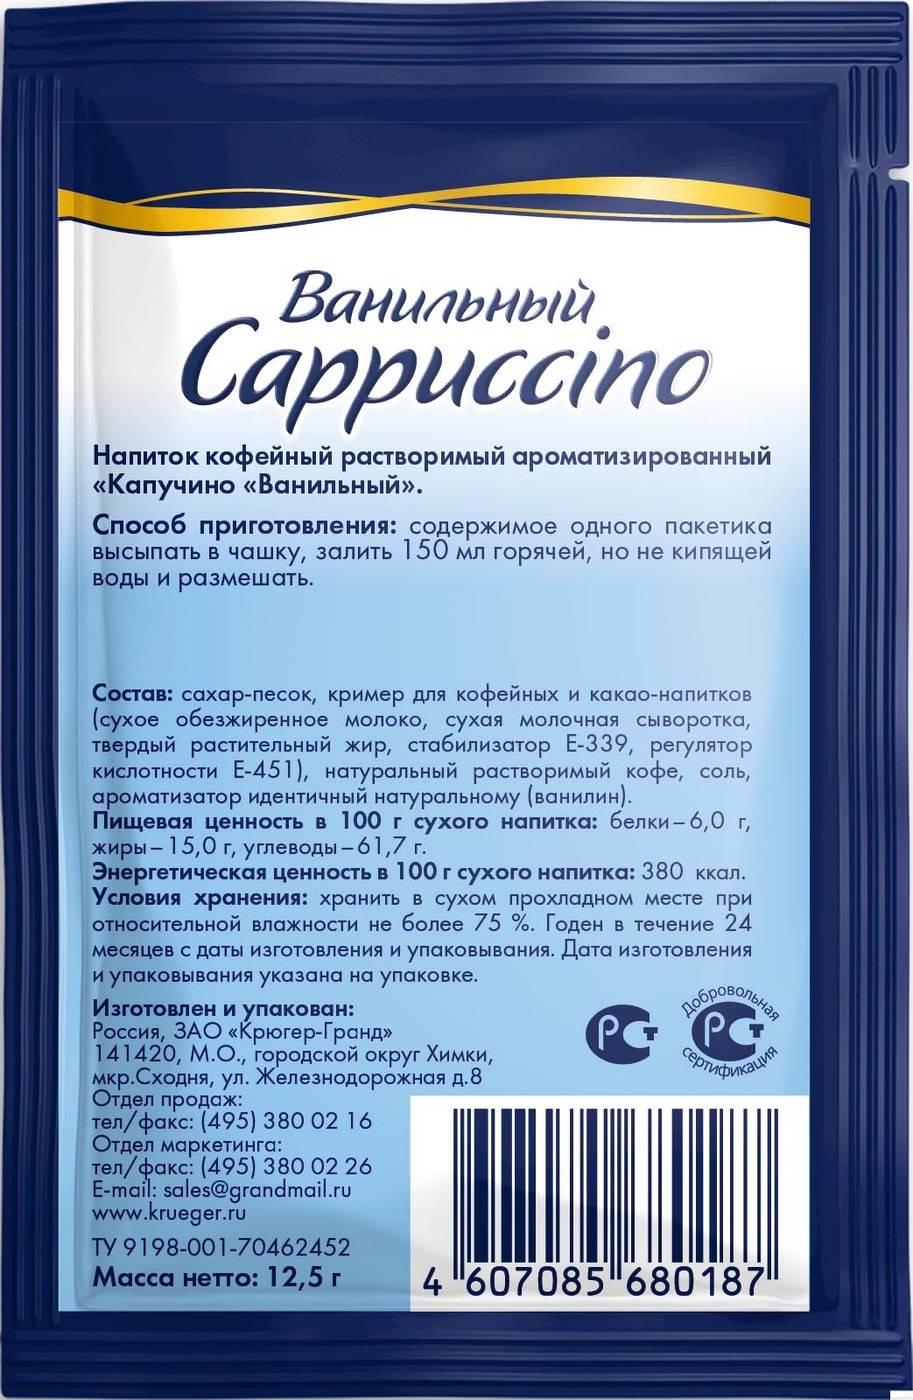 Вспениватель для молока ikea за 99 руб. может ли сделать пенку для капучино как в кофейне? эксперимент от эксперта